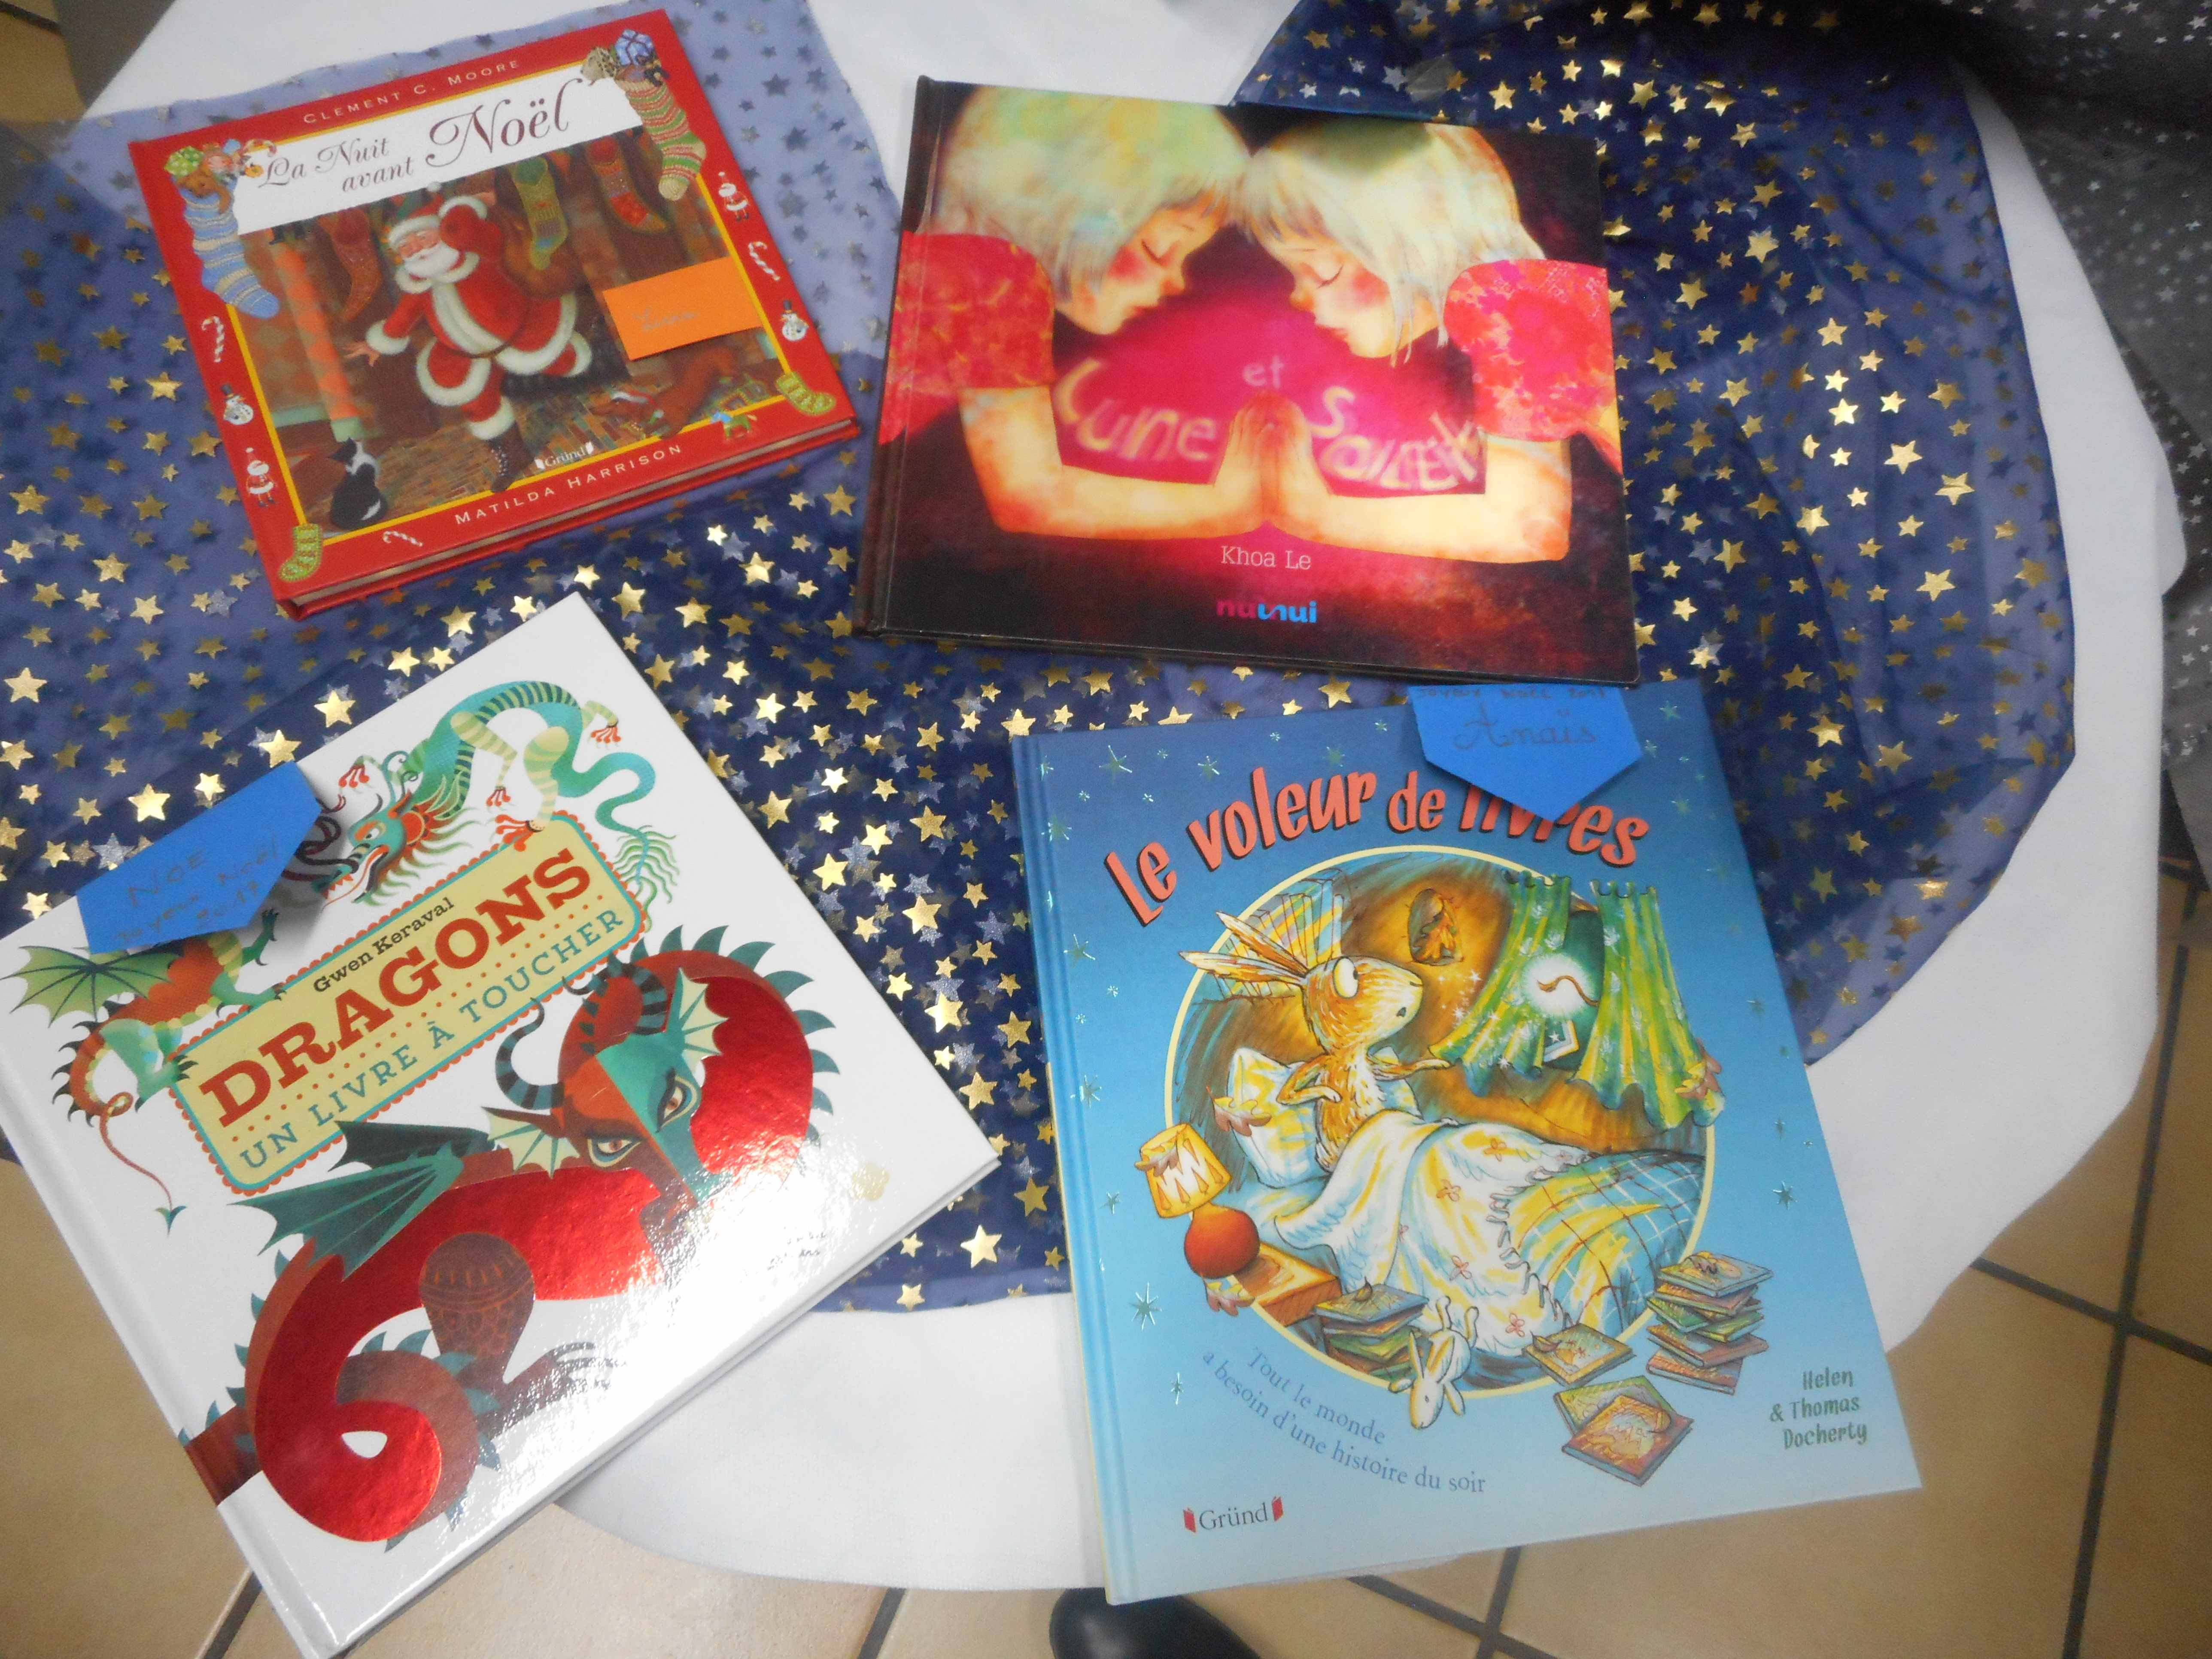 Remise Des Livres De Noel Ecole Saint Christophe